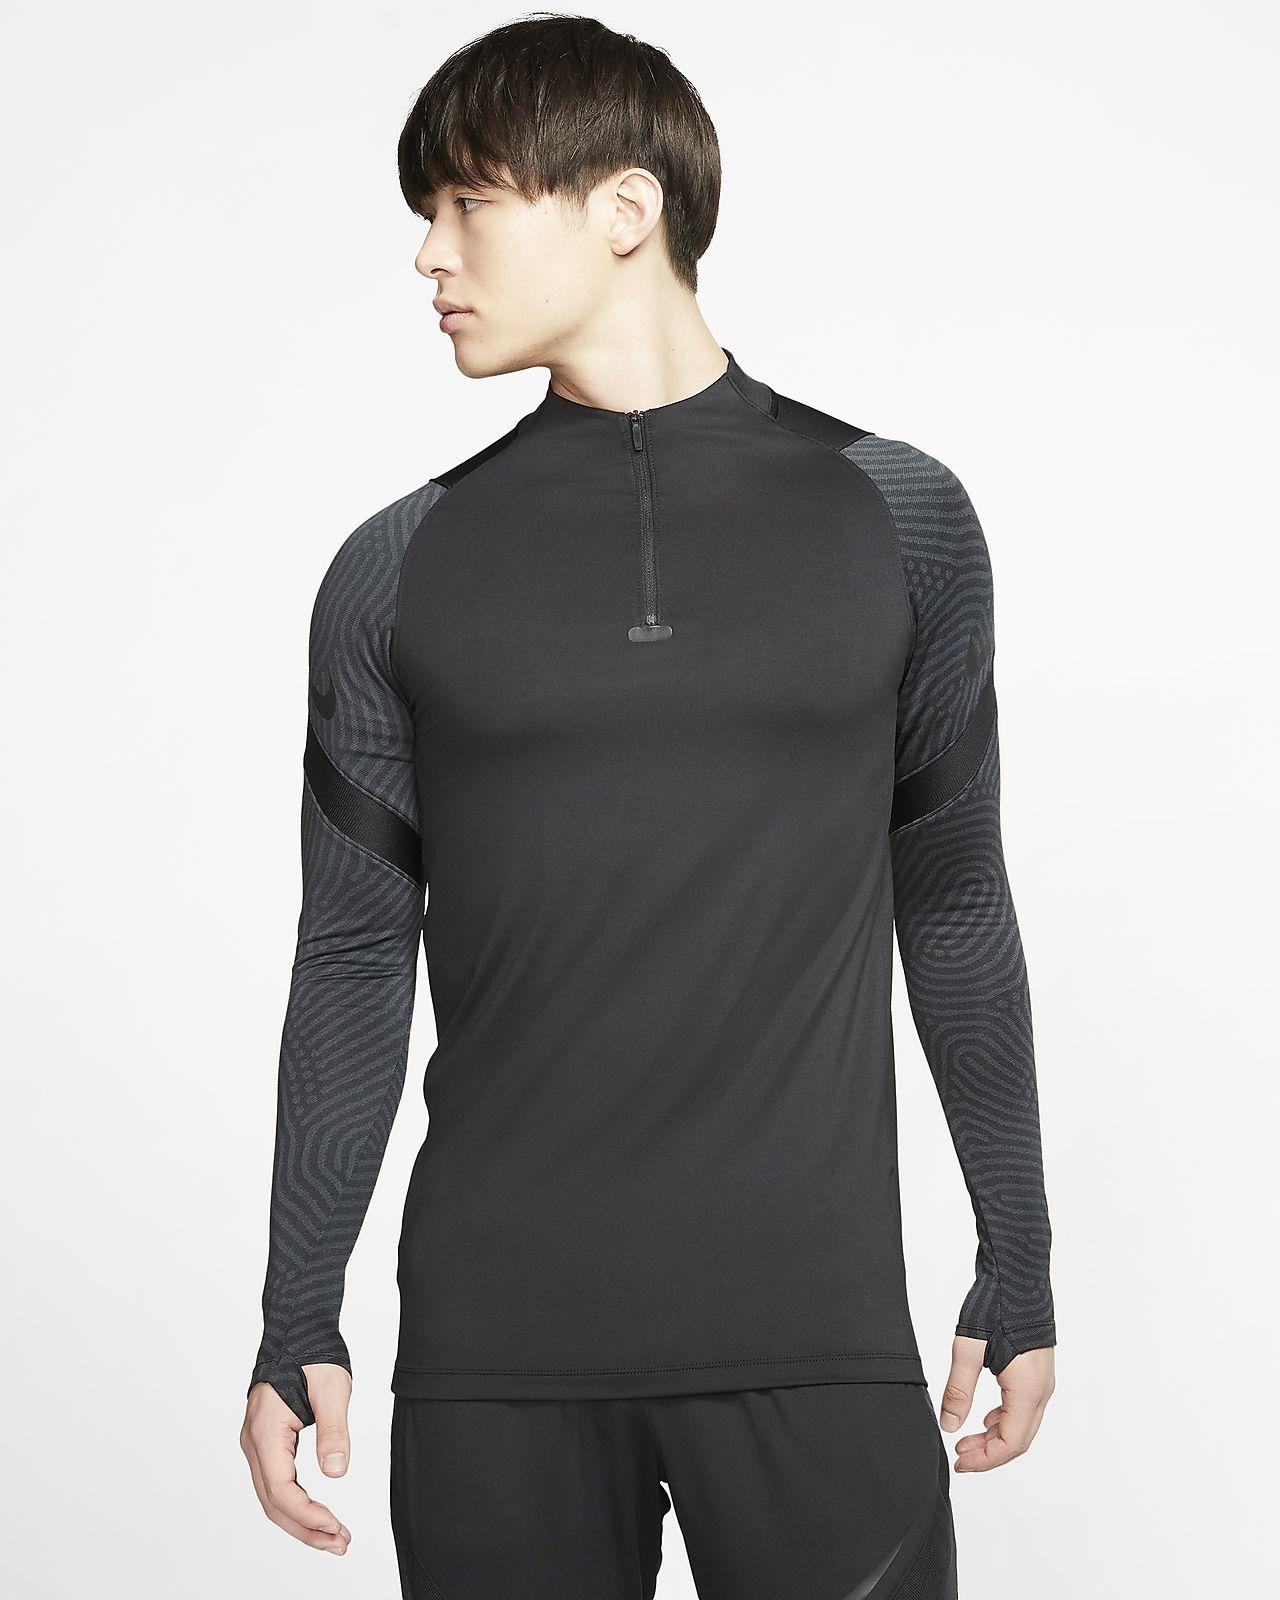 Мужская футболка для футбольного тренинга Nike Dri-FIT Strike